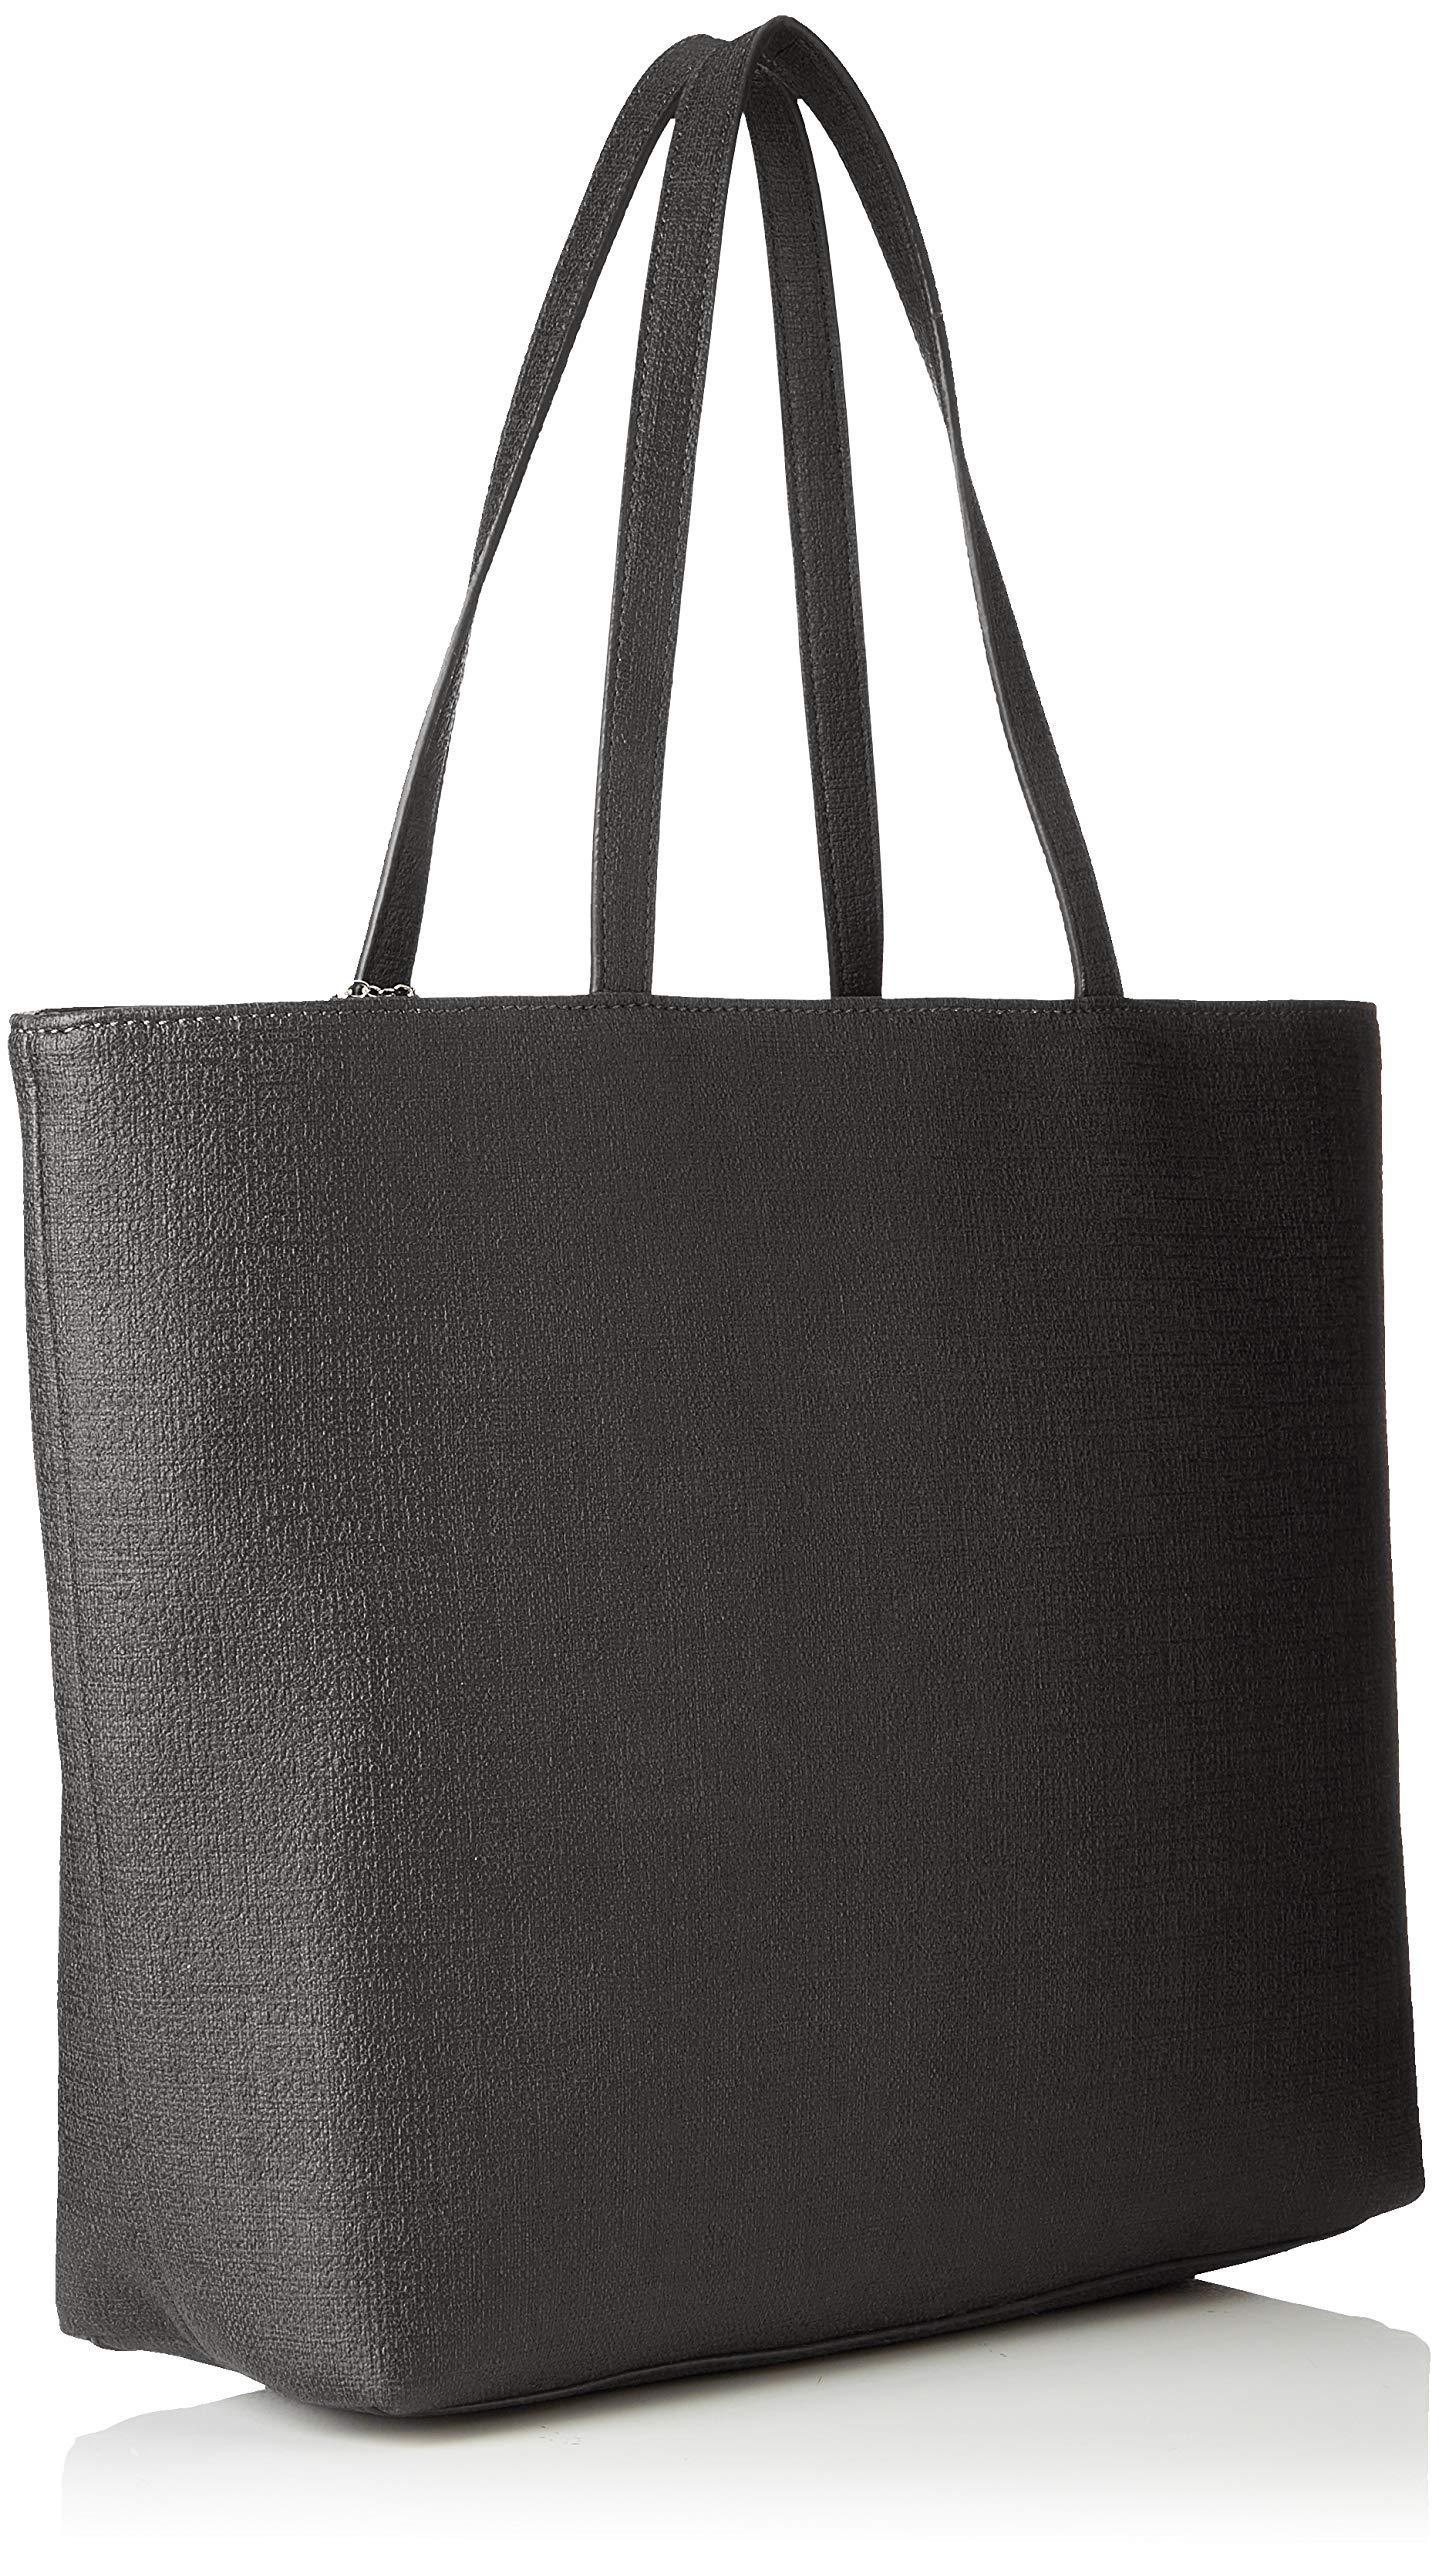 2e06f80057 ARMANI EXCHANGE - Texturized Shoulder Bag, Borse Tote Donna - Face Shop